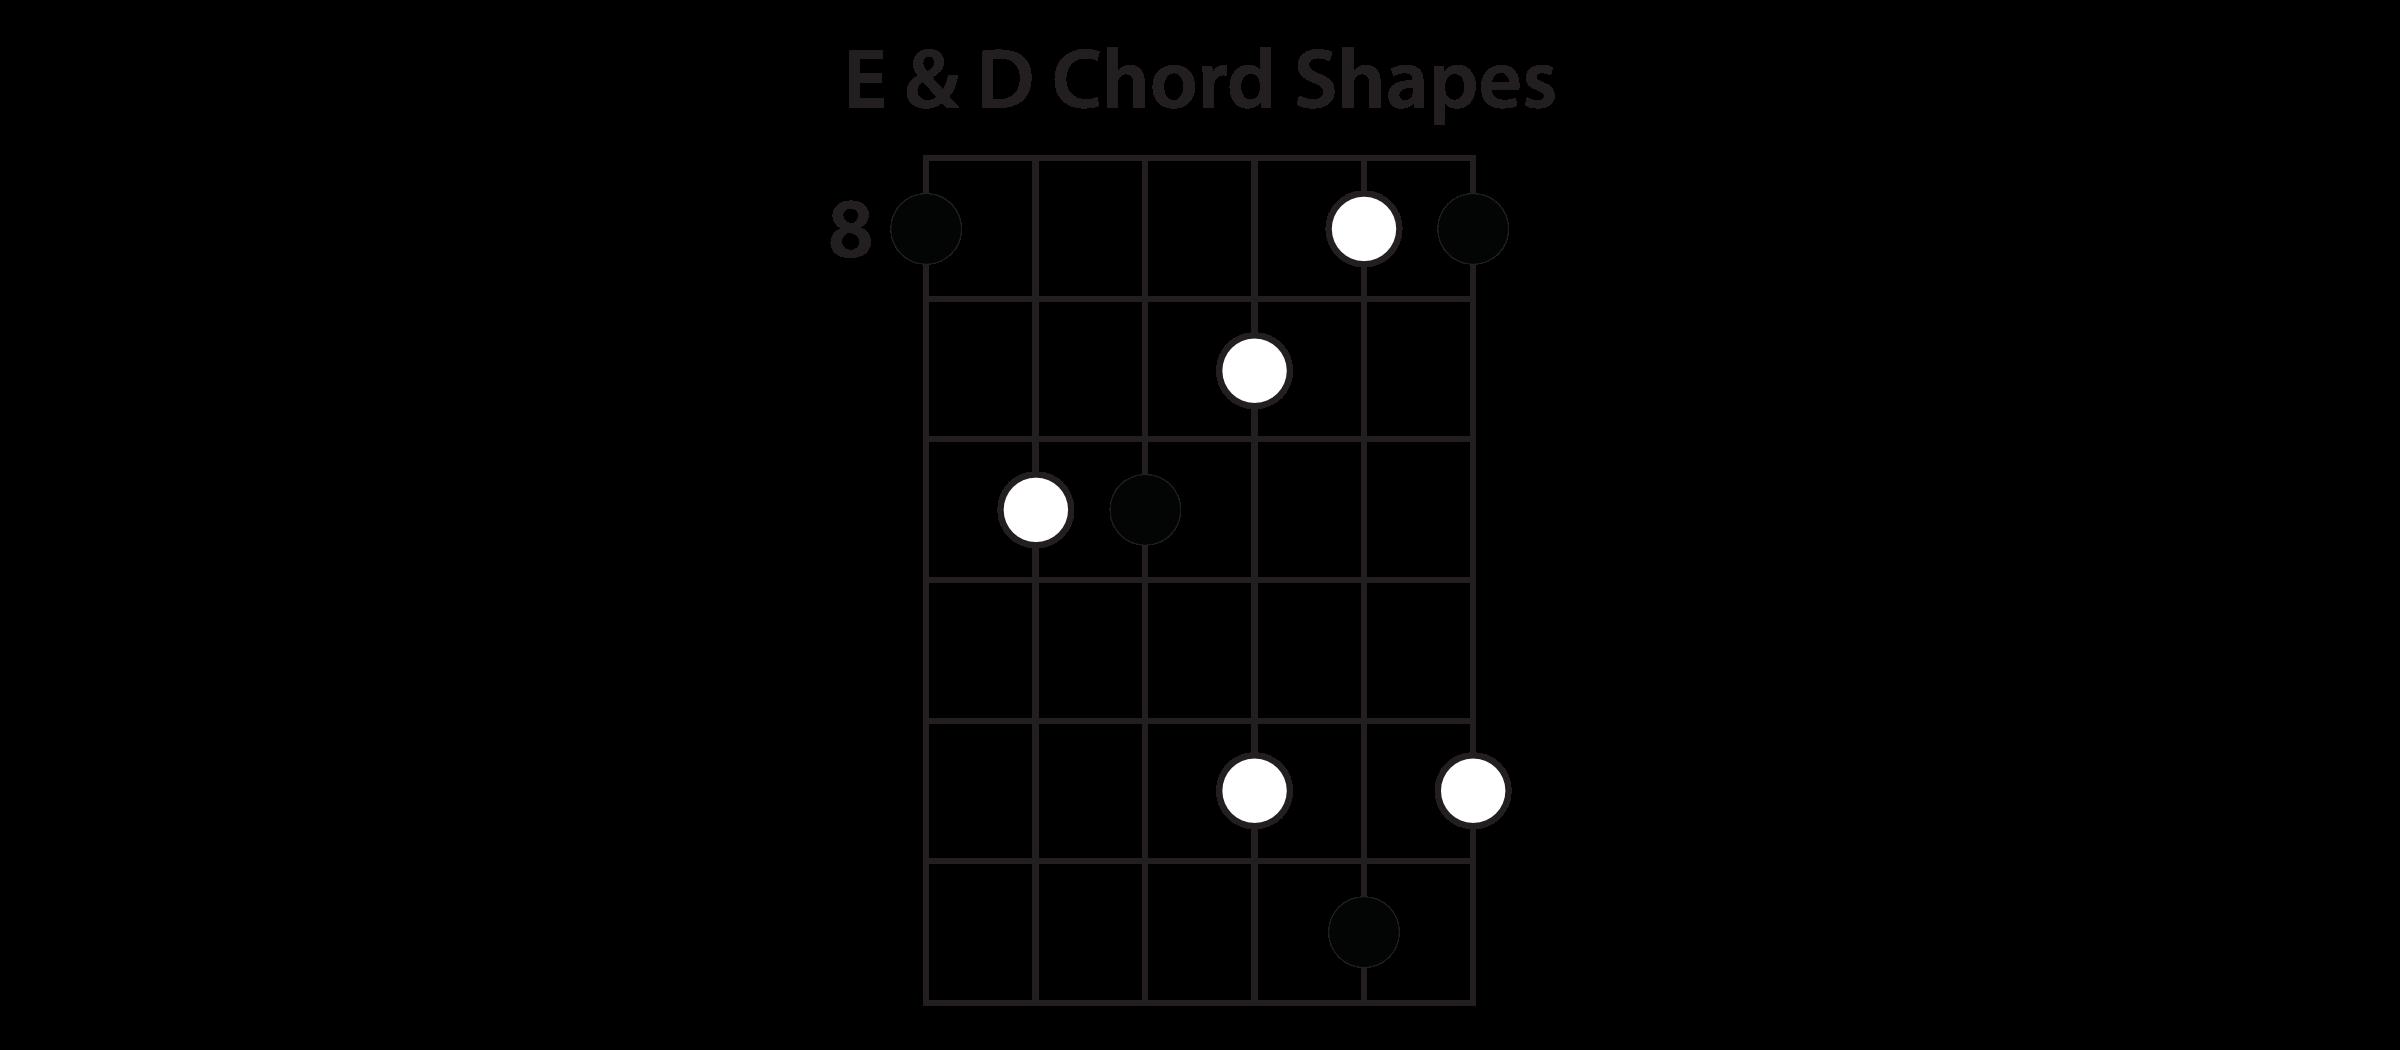 E & D Shape